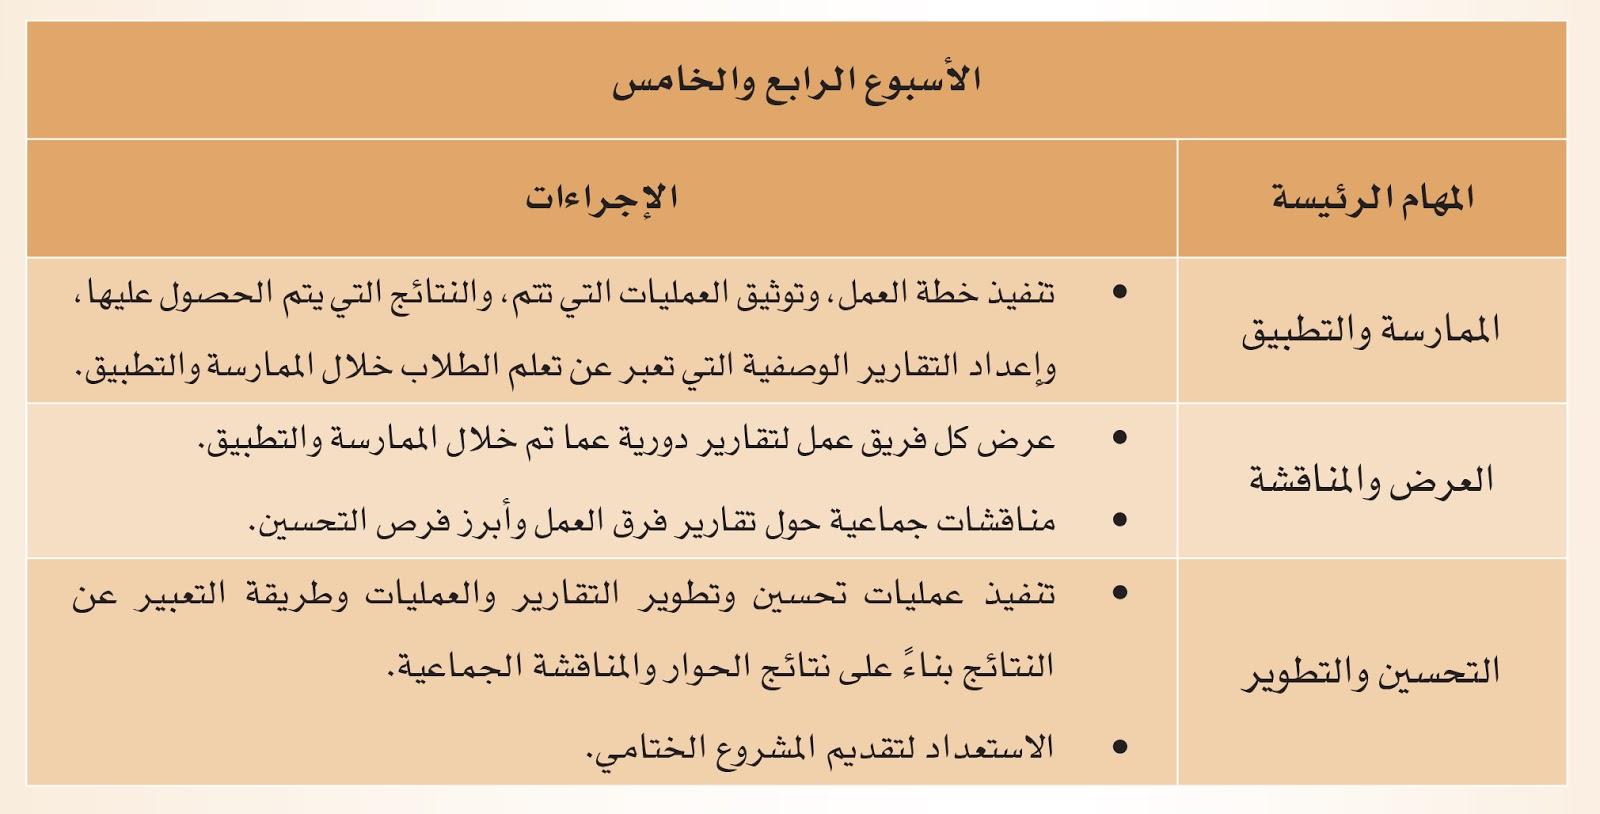 المهارات التطبيقية للمستوى الرابع الأسبوع الرابع الخامس